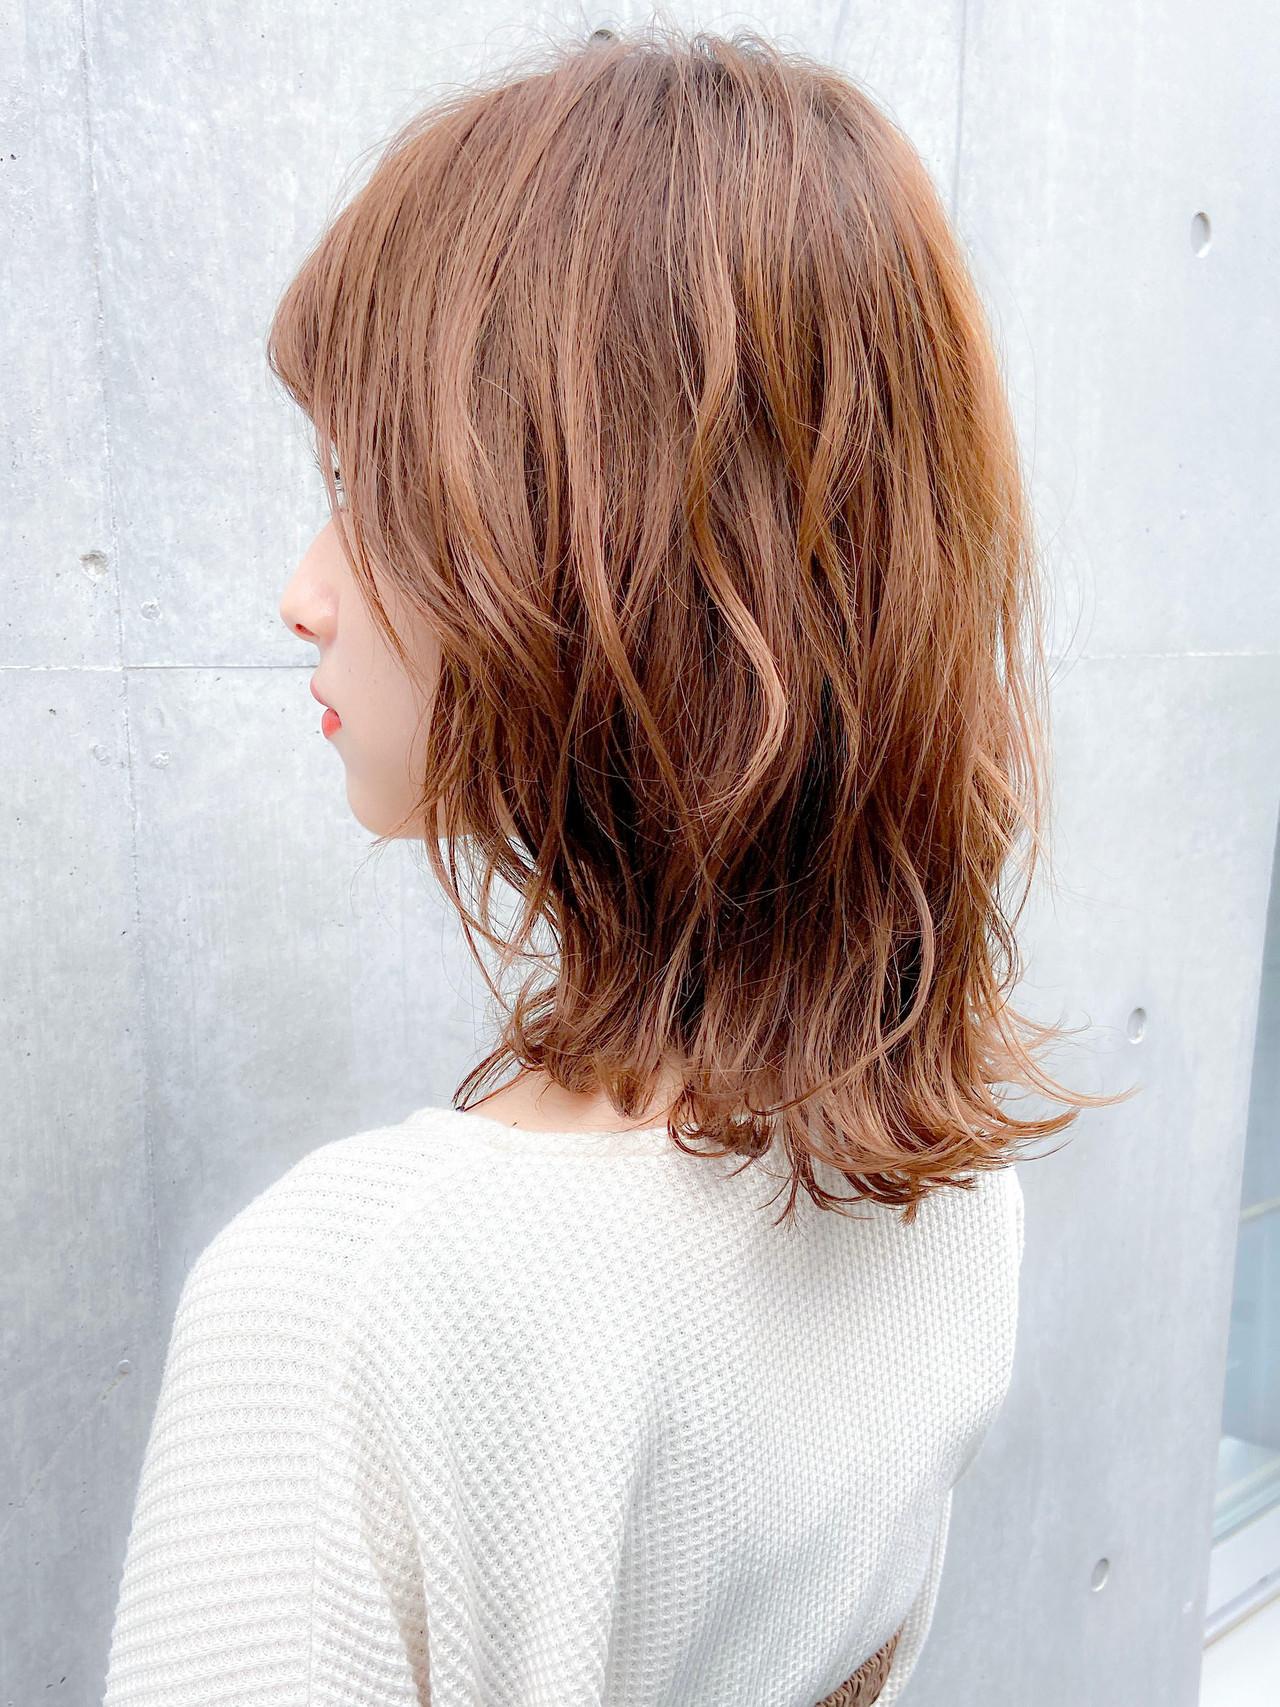 シースルーバング デジタルパーマ 鎖骨ミディアム フェミニン ヘアスタイルや髪型の写真・画像